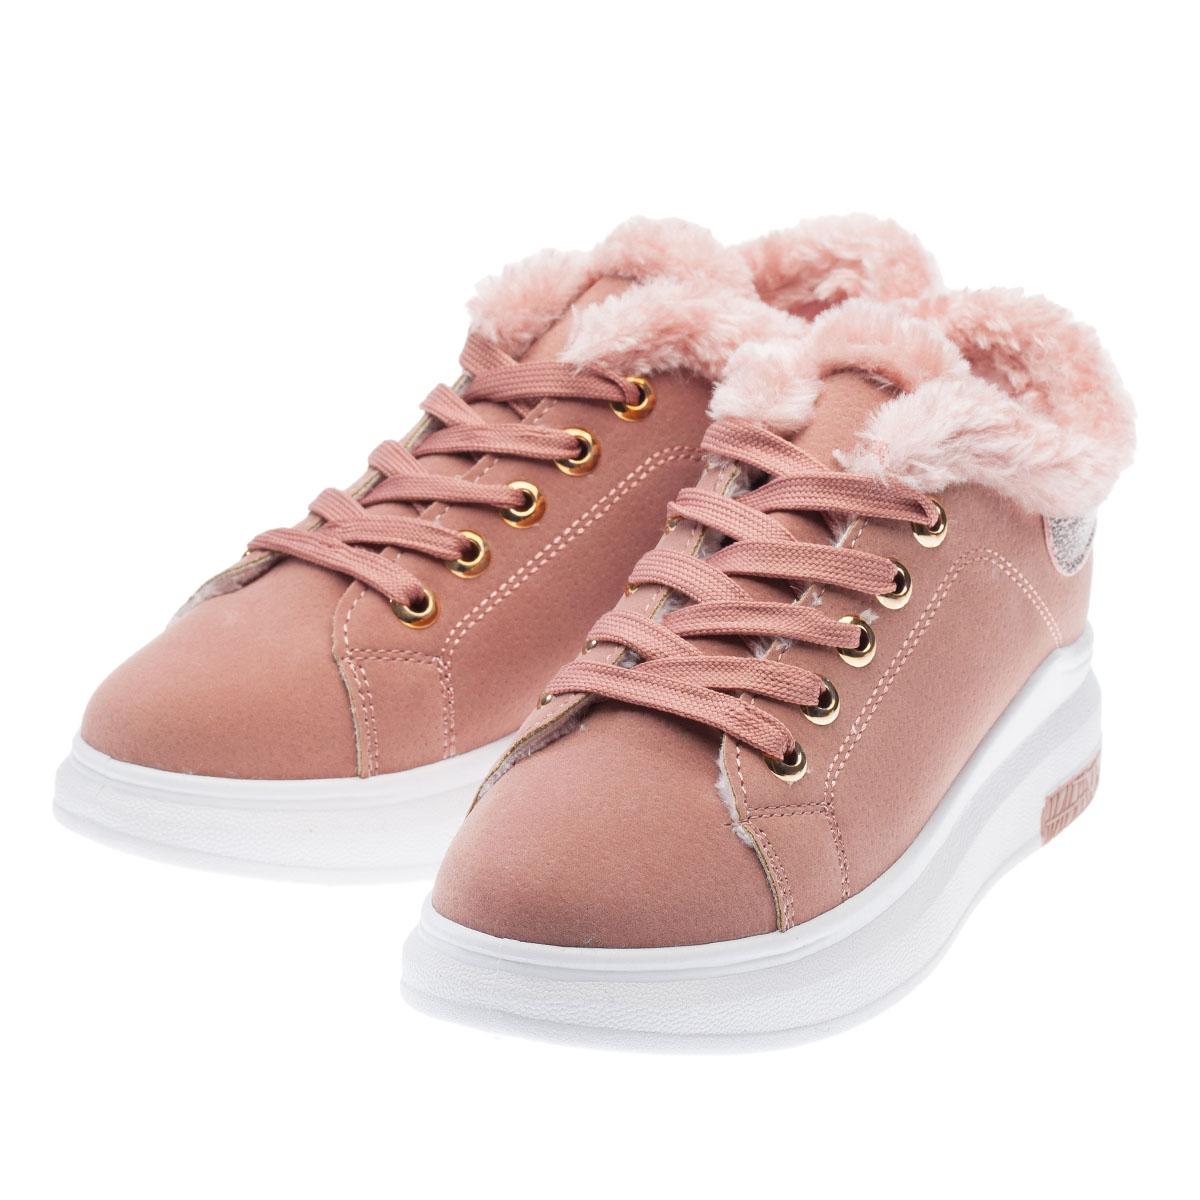 Ботинки демисезонные FERTO, N1809 демисезонные ботинки old beijing cloth shoes a3